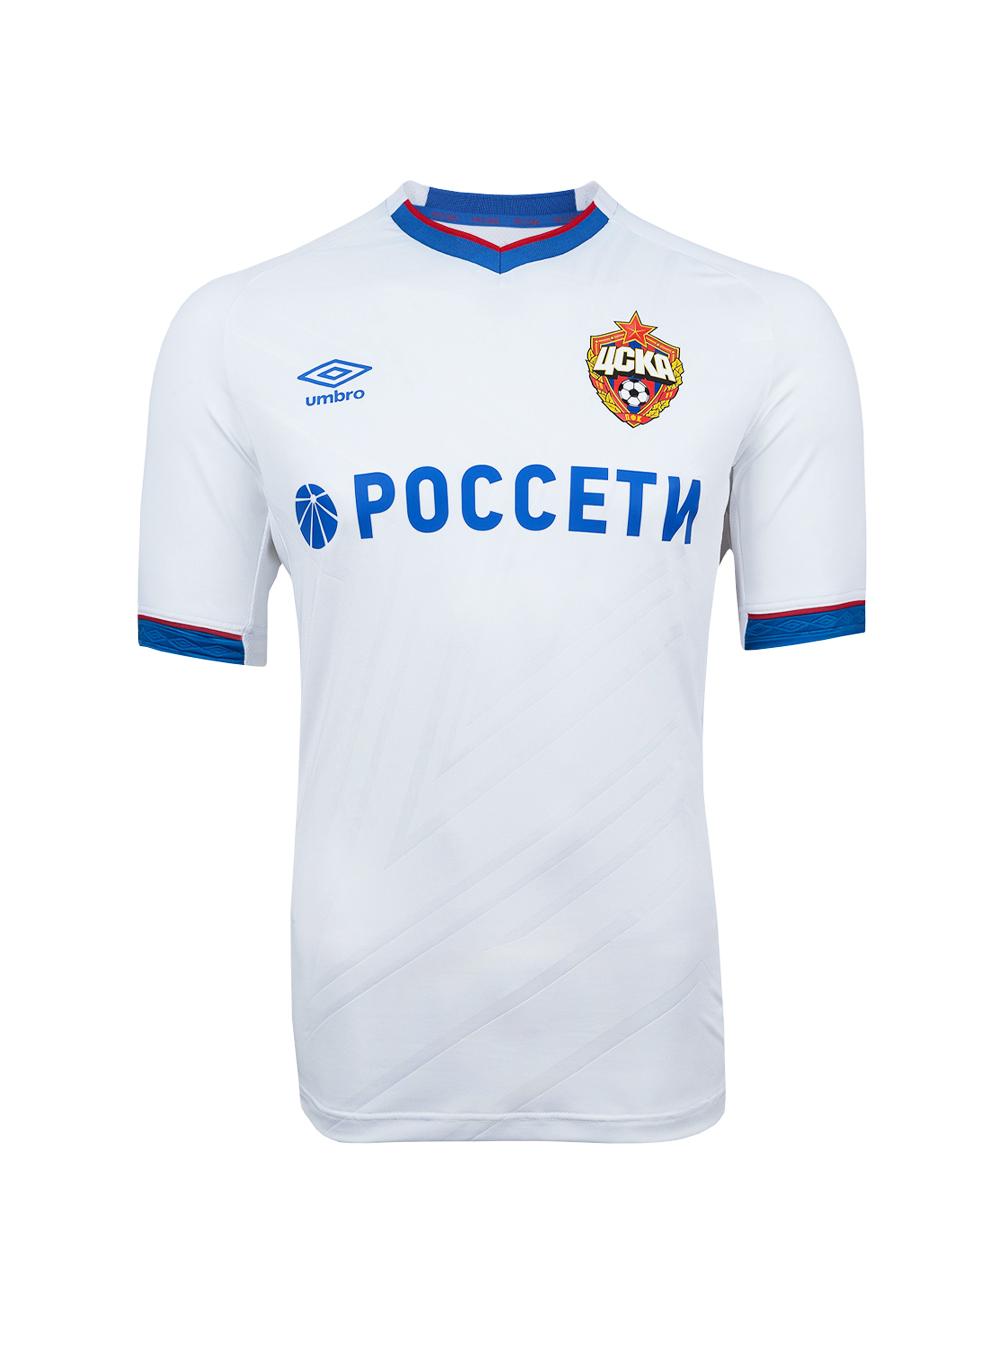 Купить Футболка игровая выездная 2019/2020 (L) по Нижнему Новгороду